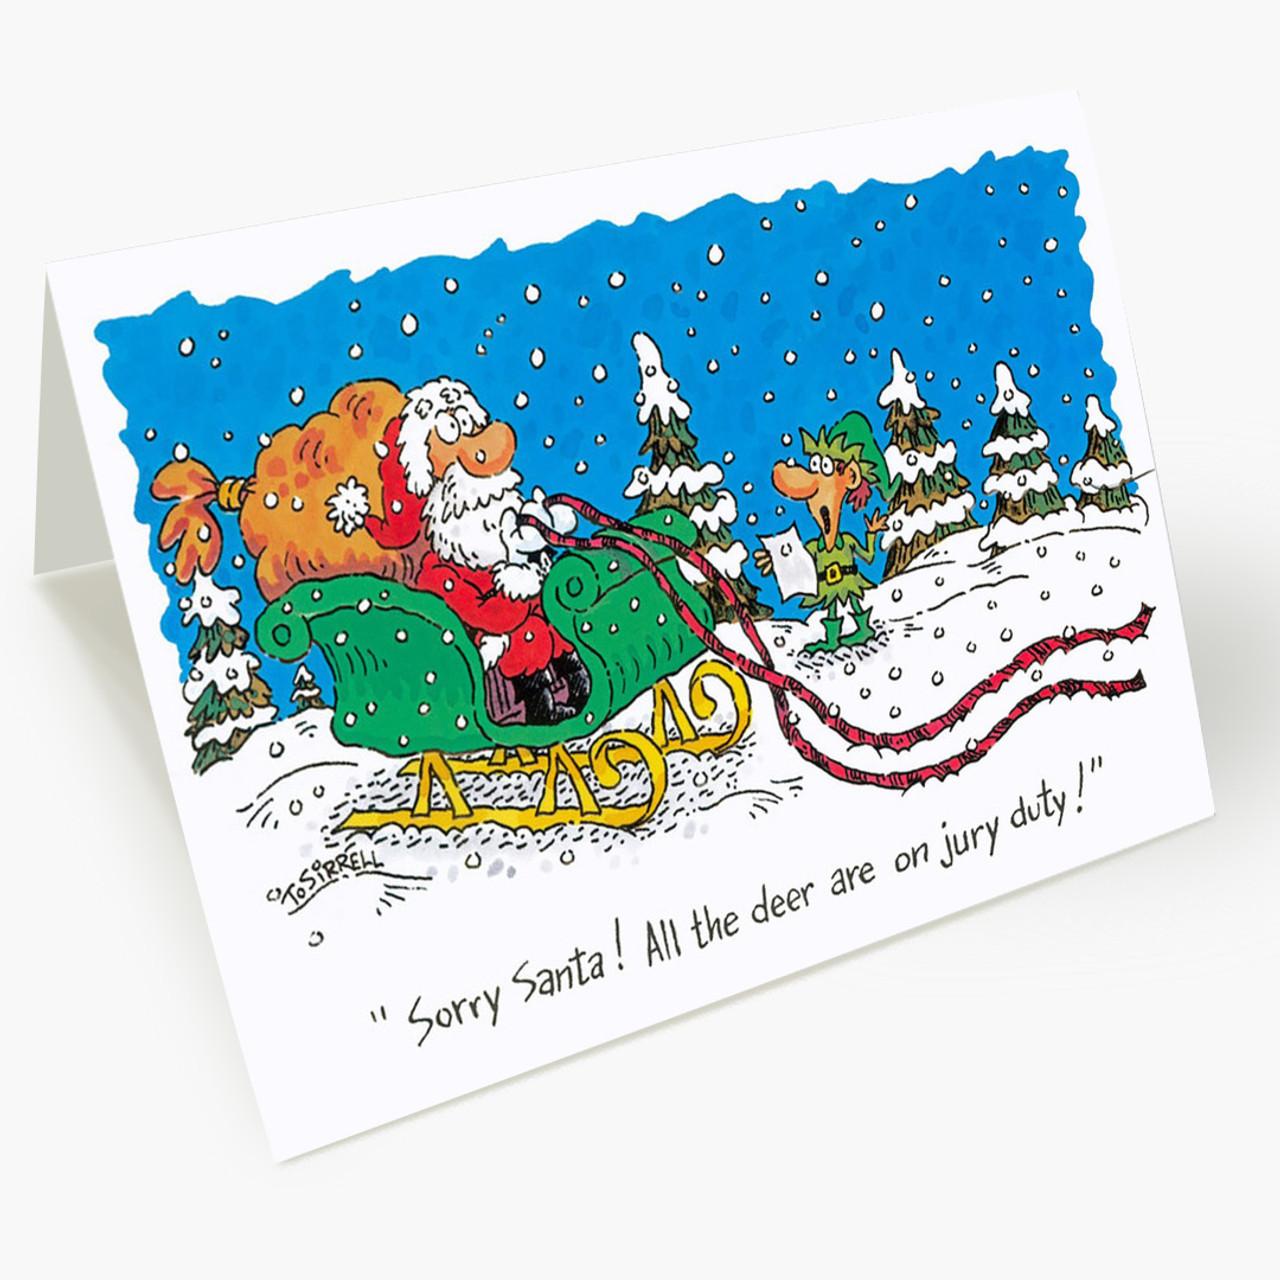 Jury Duty Christmas Card